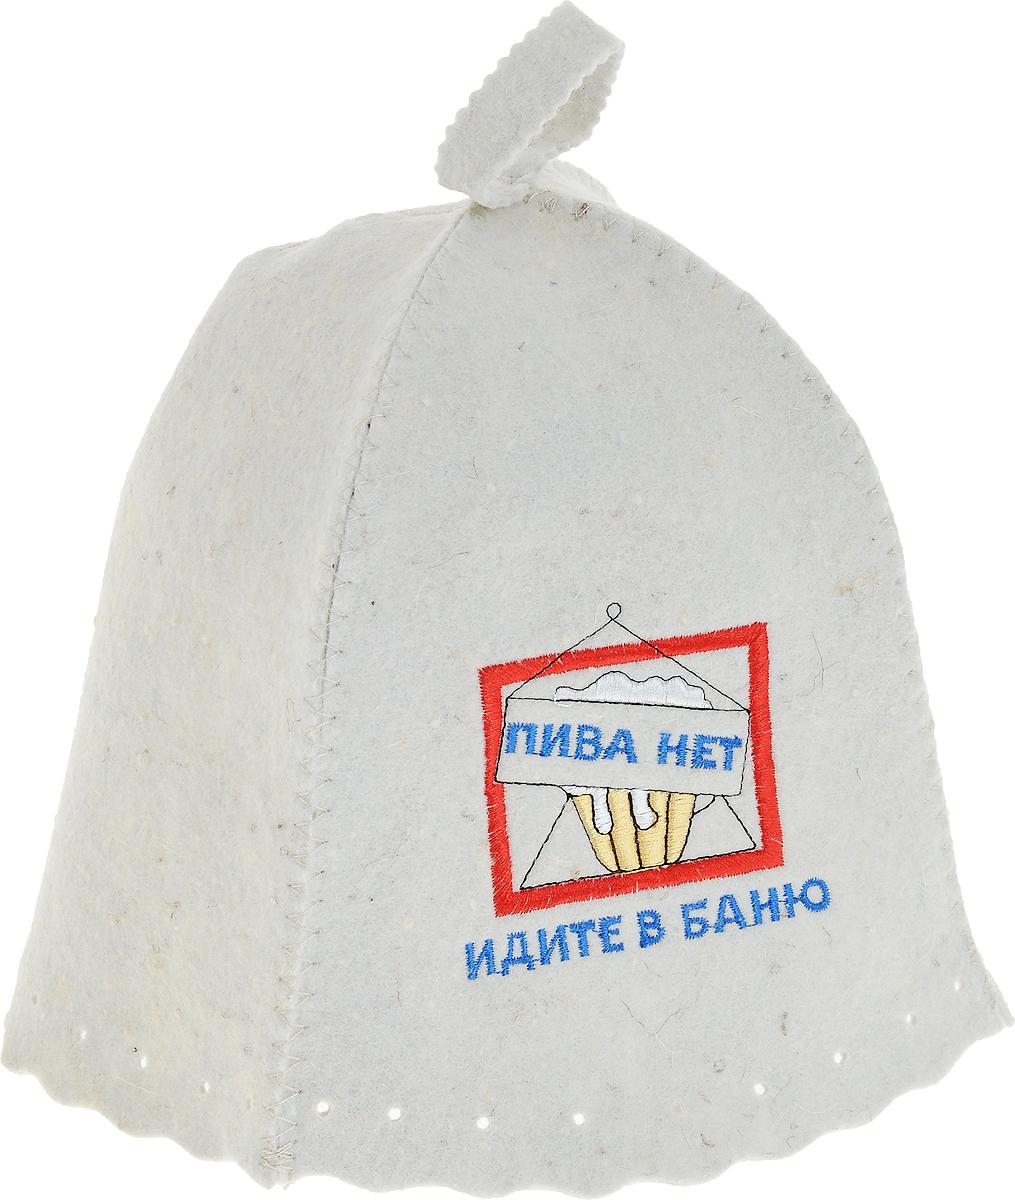 Шапка для бани и сауны Hot Pot Пива нет - идите в баню!, цвет: светло-бежевый, синий41167Шапка для бани и сауны Hot Pot Пива нет - идите в баню! - это необходимый аксессуар при посещении парной. Такая шапка защитит от головокружения и перегрева головы, а также предотвратит ломкость и сухость волос. Изделие замечательно впитывает влагу, хорошо сидит на голове, обеспечивает комфорт и удовольствие от отдыха в парилке. Незаменима в традиционной русской бане, также используется в финских саунах, где температура сухого воздуха может достигать 100°С.Шапка дополнена вышивкой с забавной надписью и петлей для подвешивания на крючок.